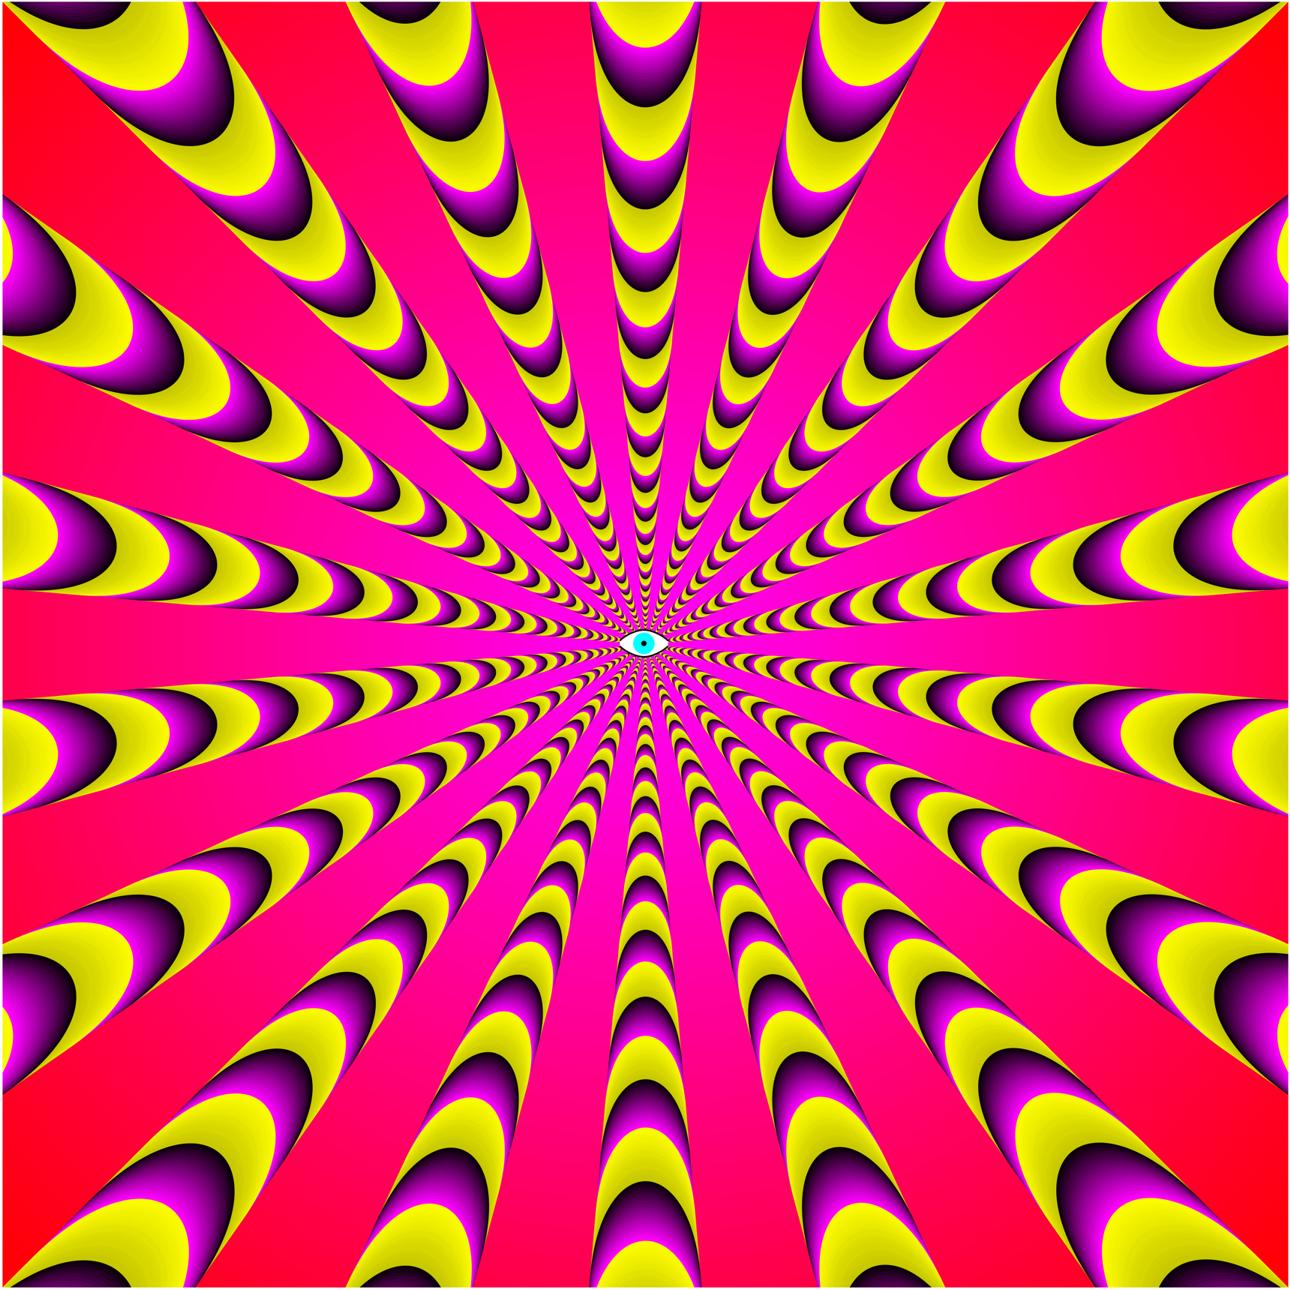 Как сделать движущийся фон у картинки. Уроки 98